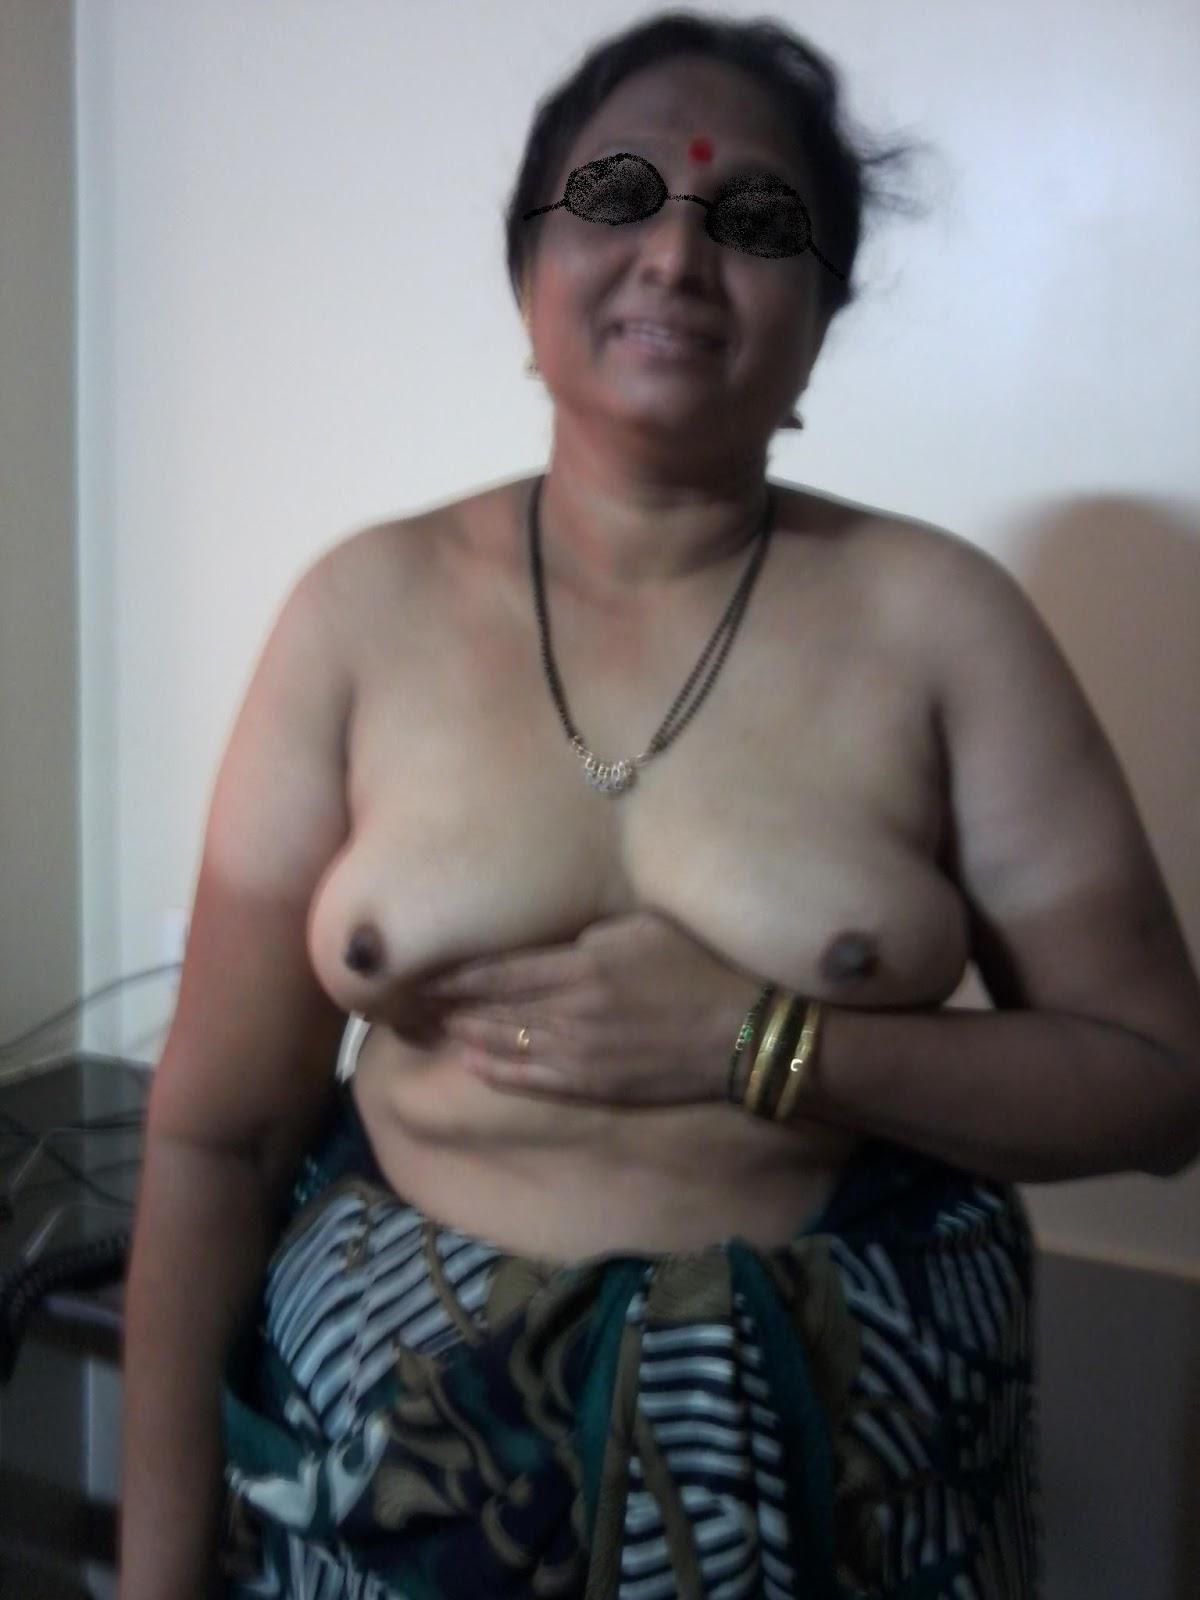 old man spanks naked woman